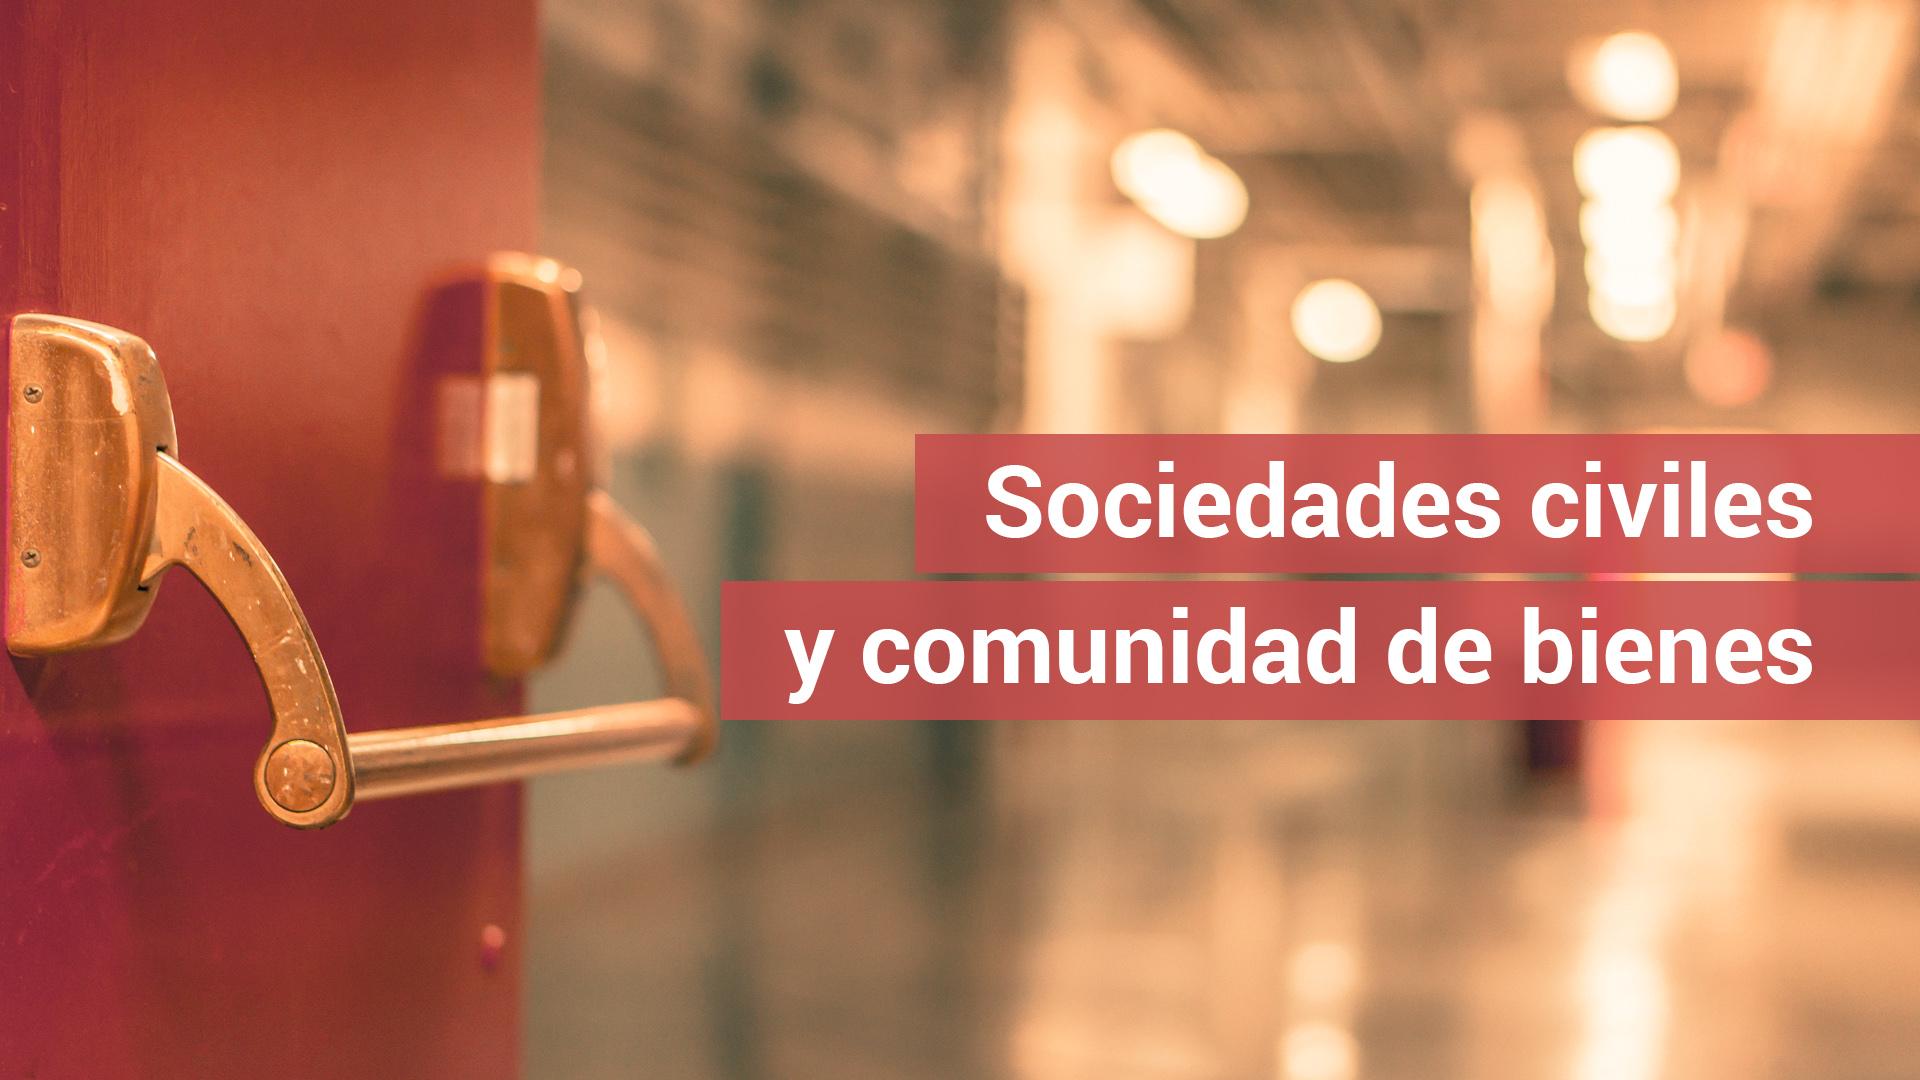 La AEAT aclara la nueva tributación de las sociedades civiles y comunidades de bienes